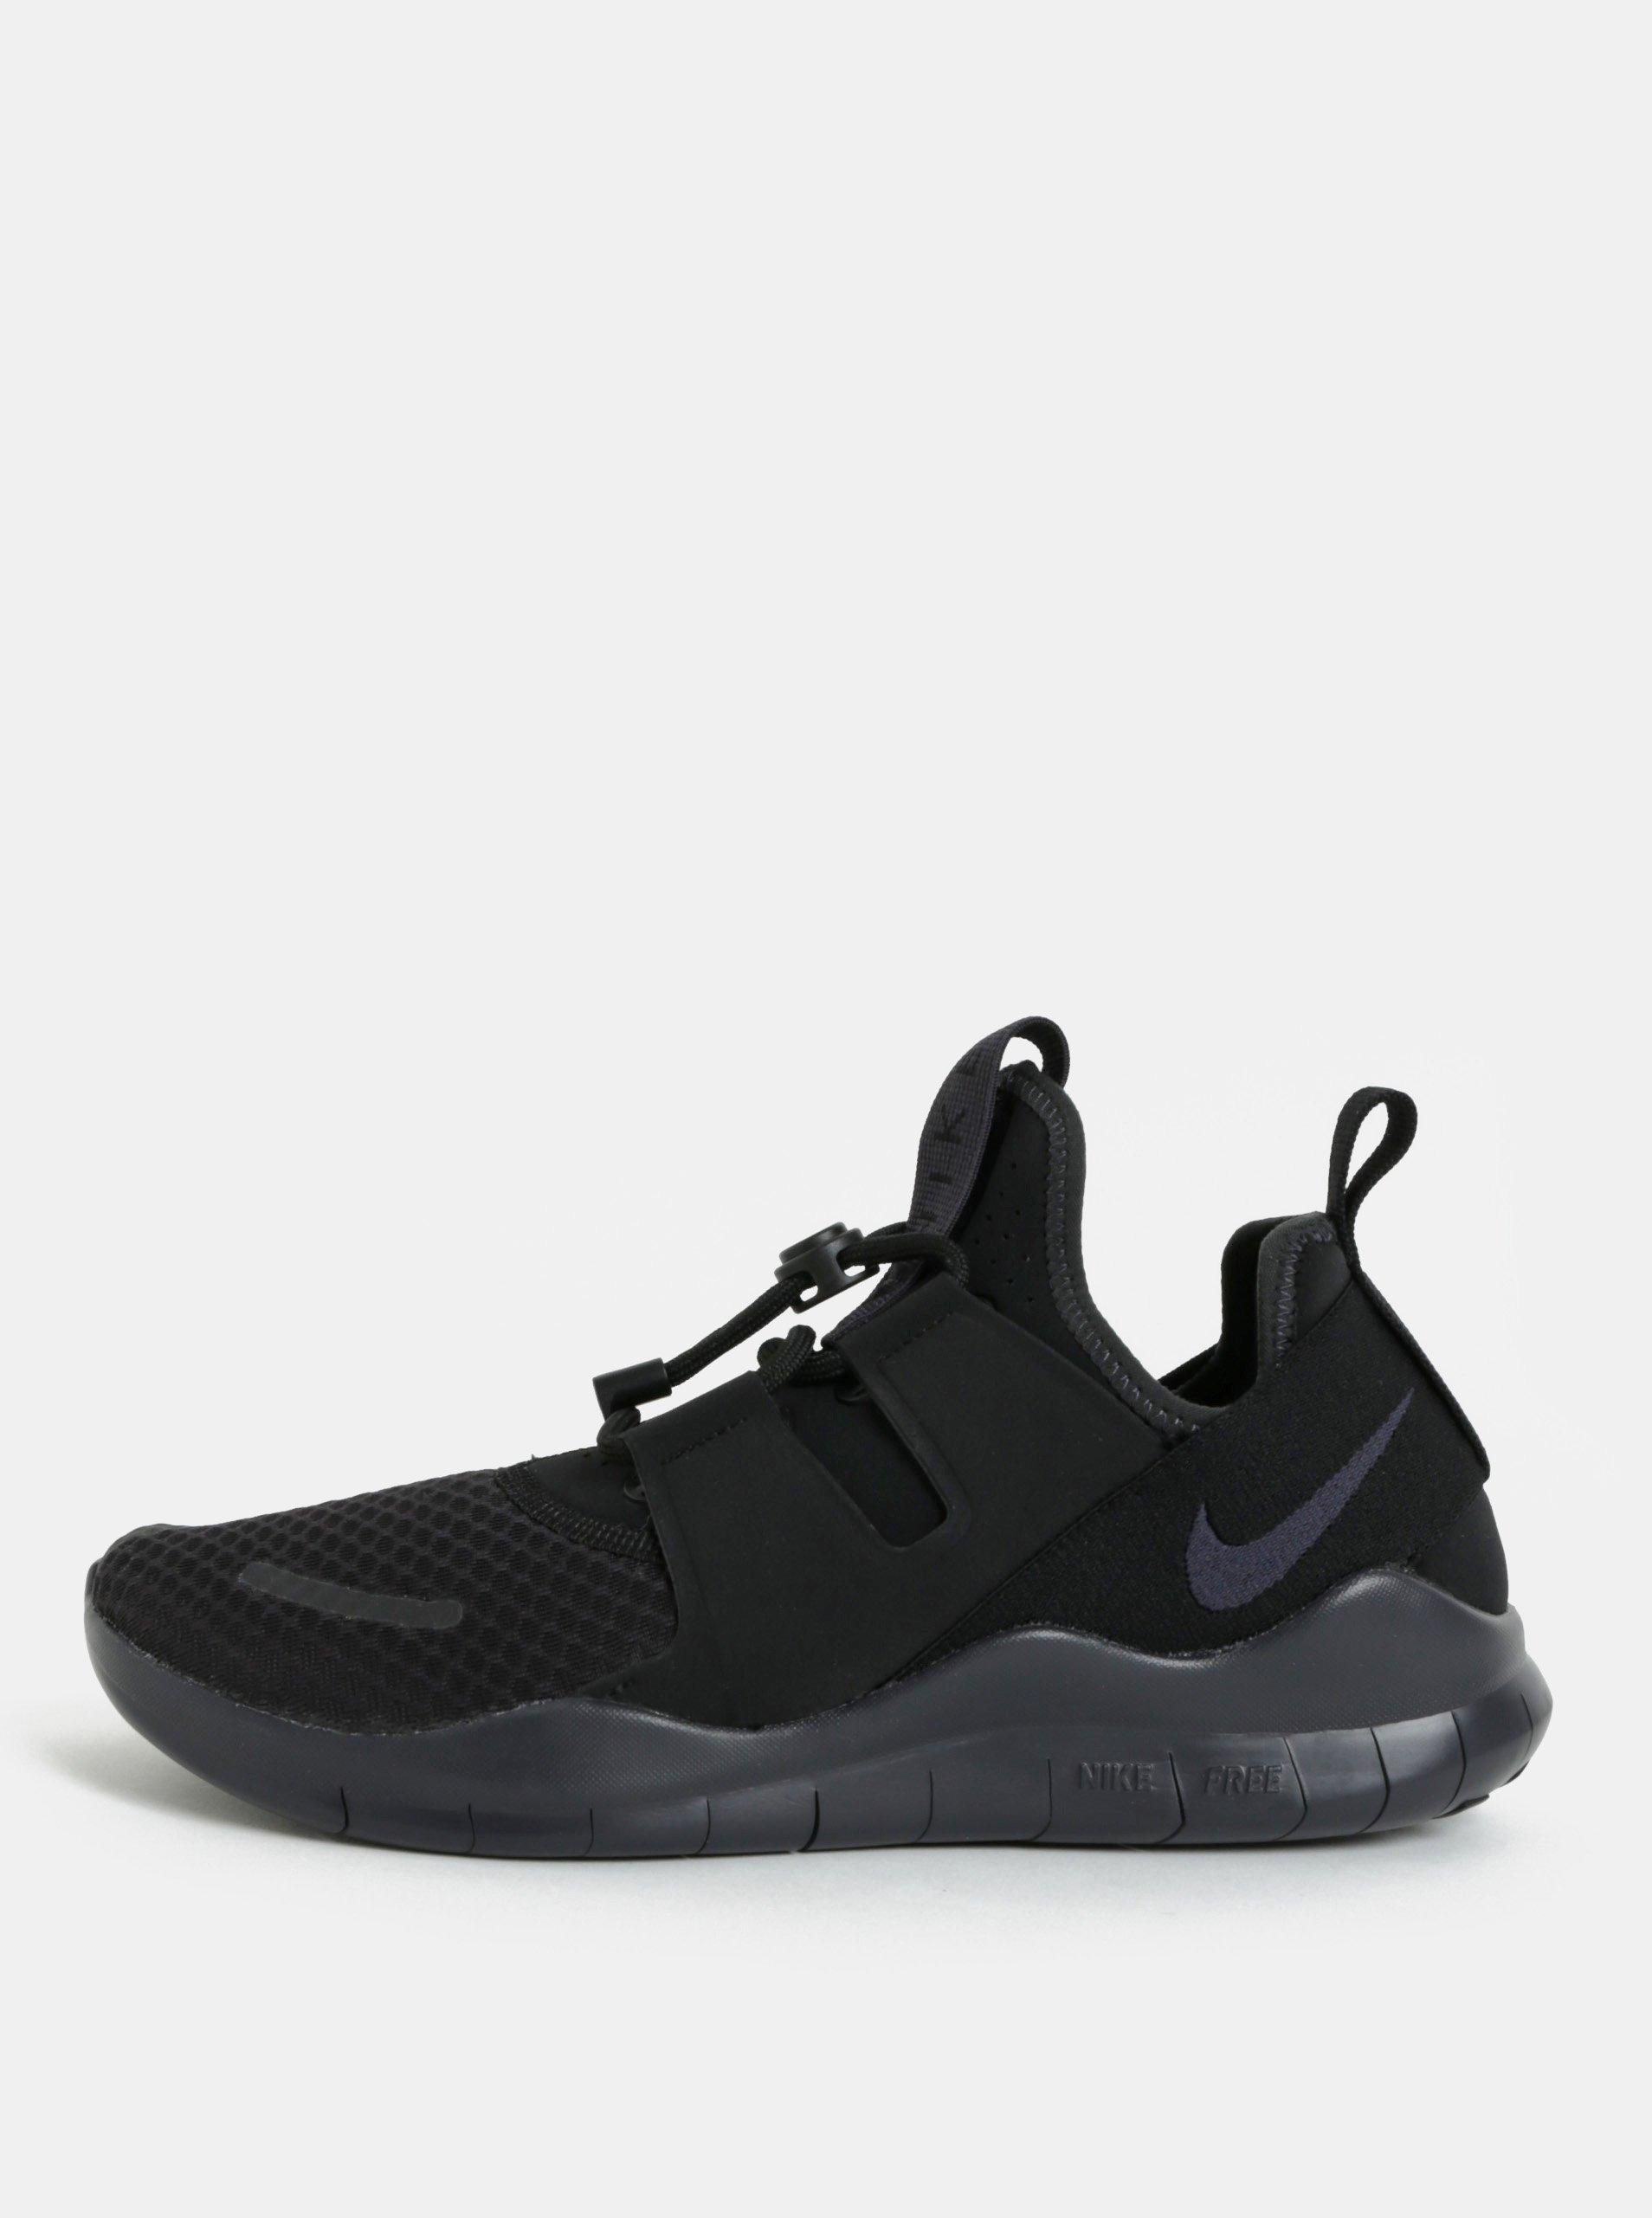 391903898f6c8 Čierne pánske tenisky Nike Free RN CMTR 2018 | Moda.sk